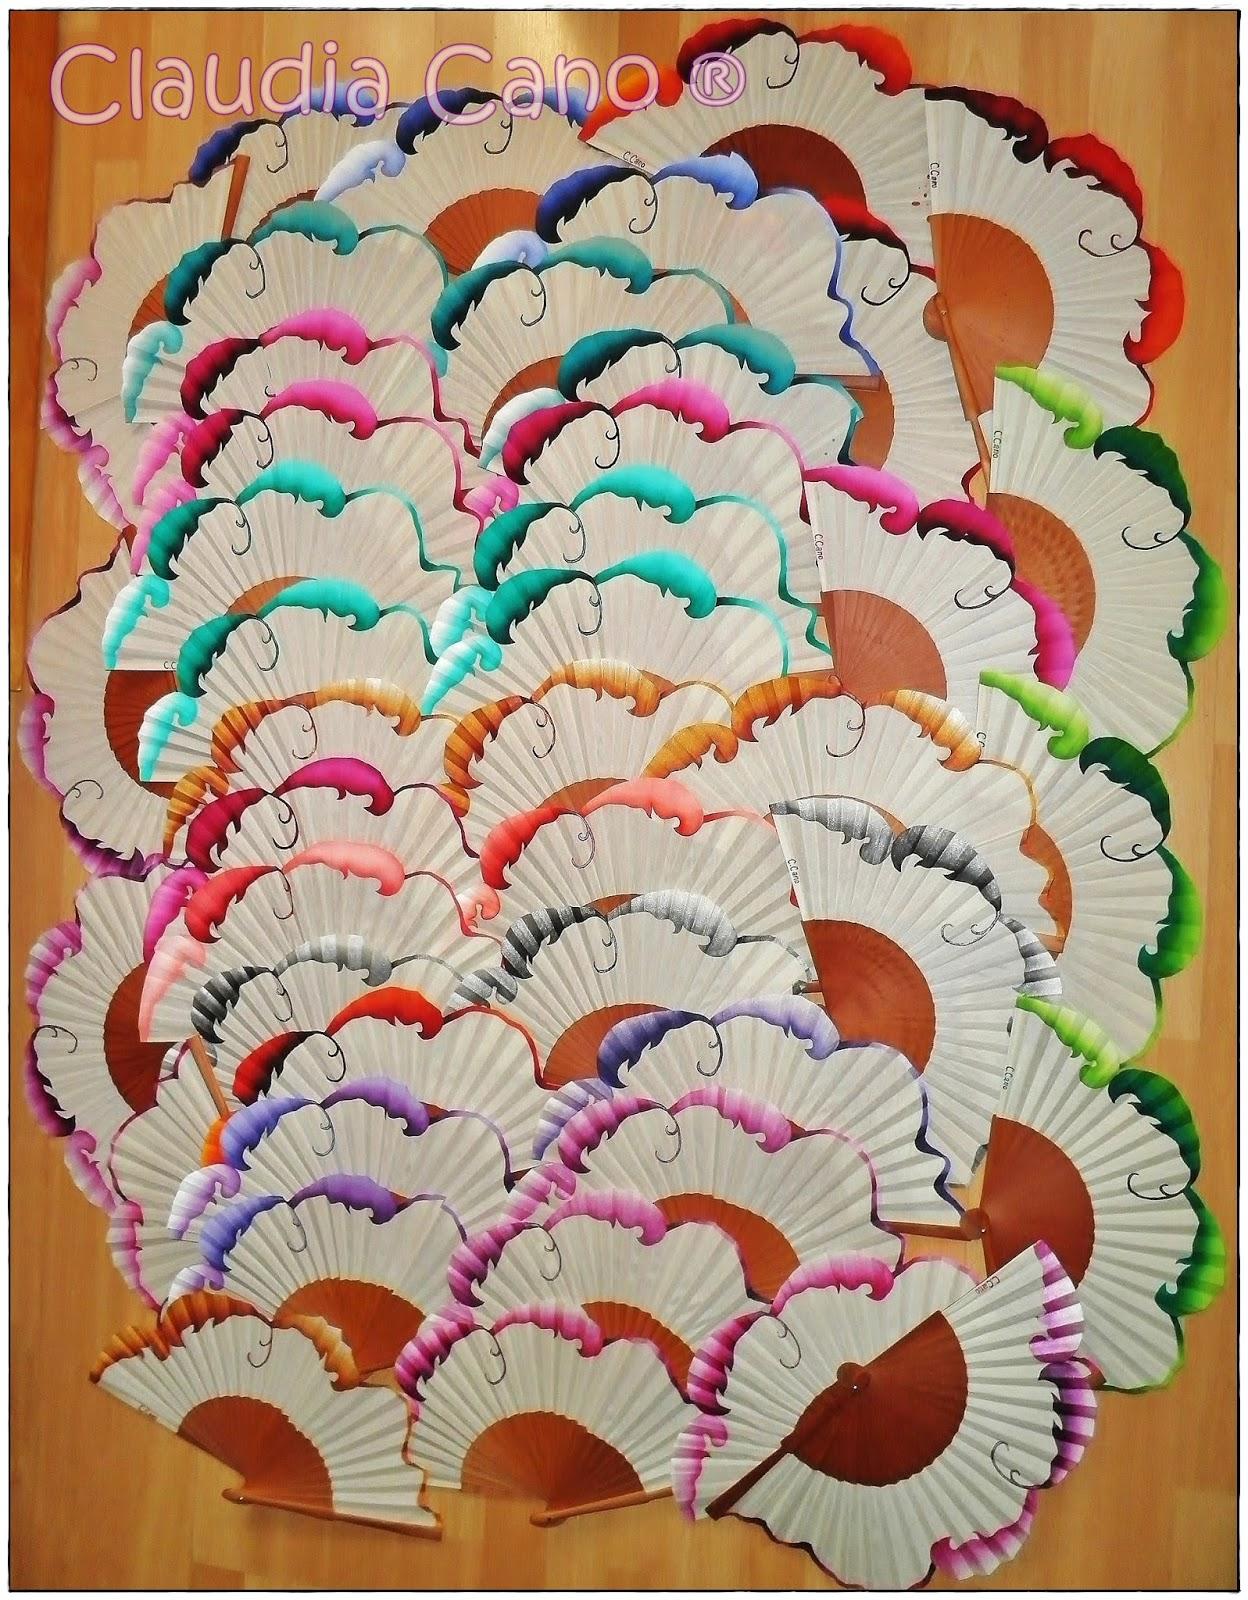 Abanicos para bodas y eventos claudia cano - Abanicos pintados a mano originales ...